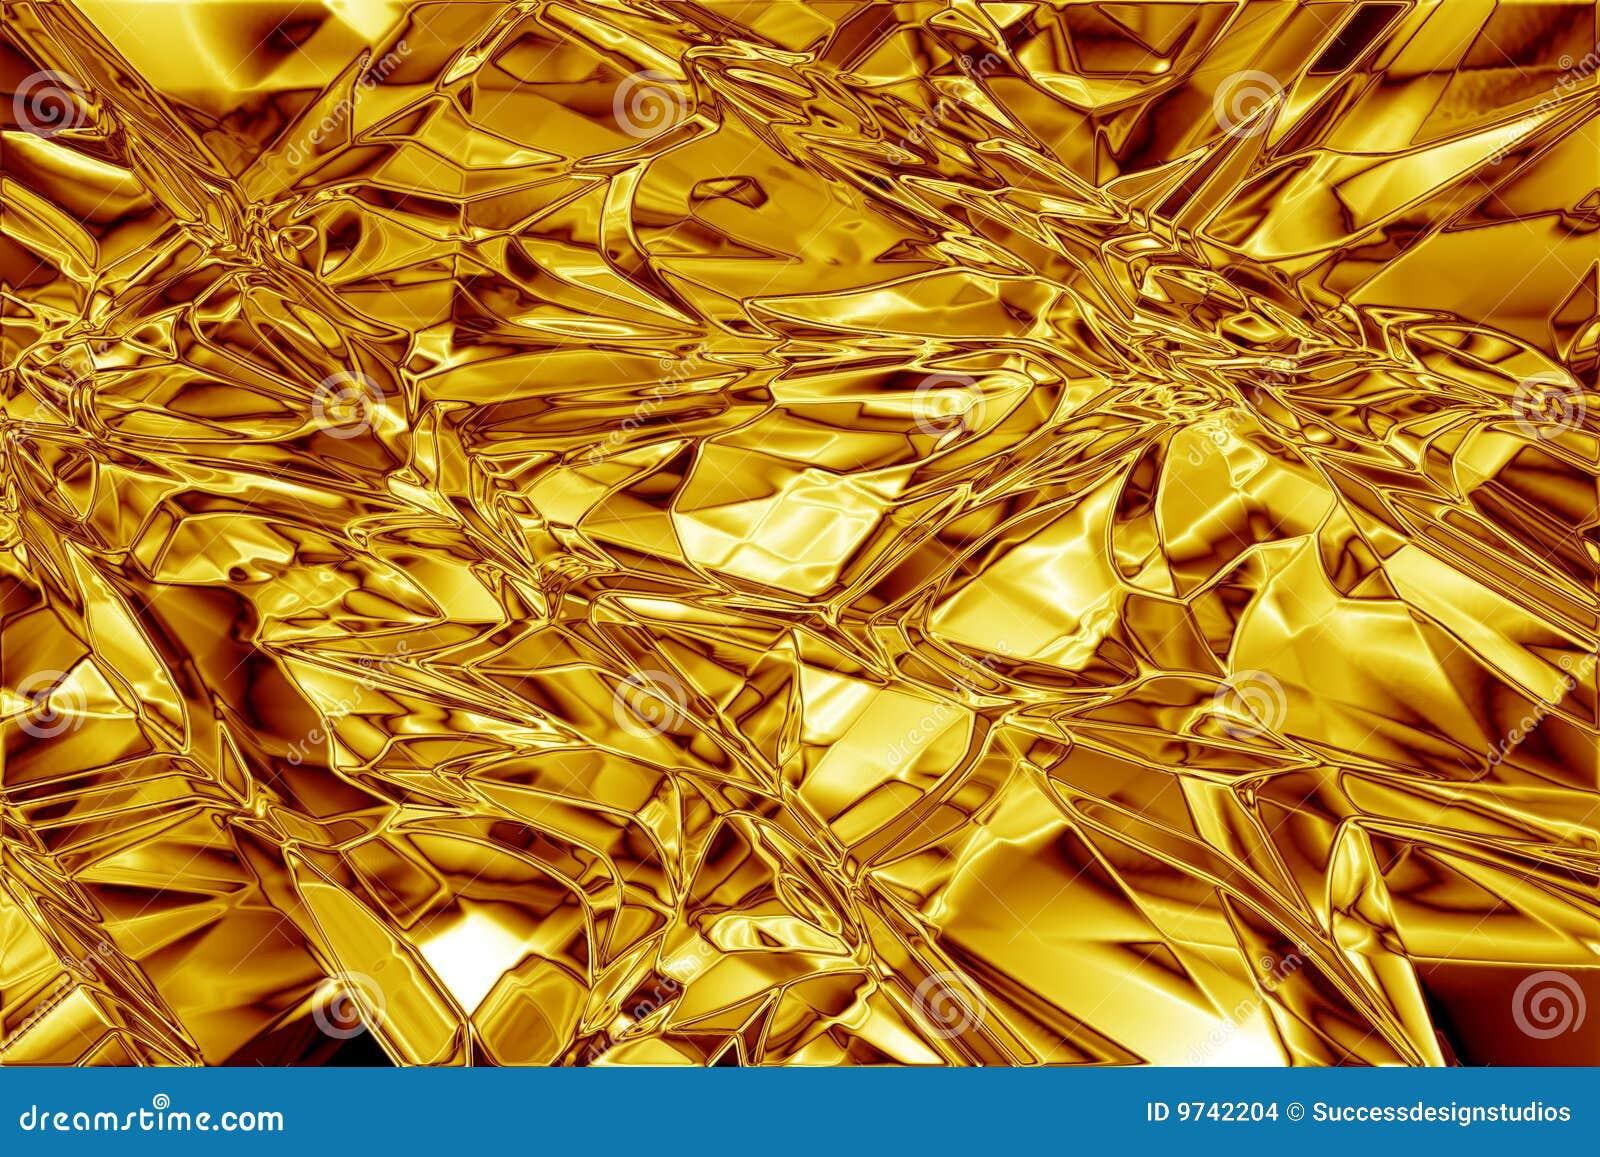 Textura arrugada extracto de la hoja de oro